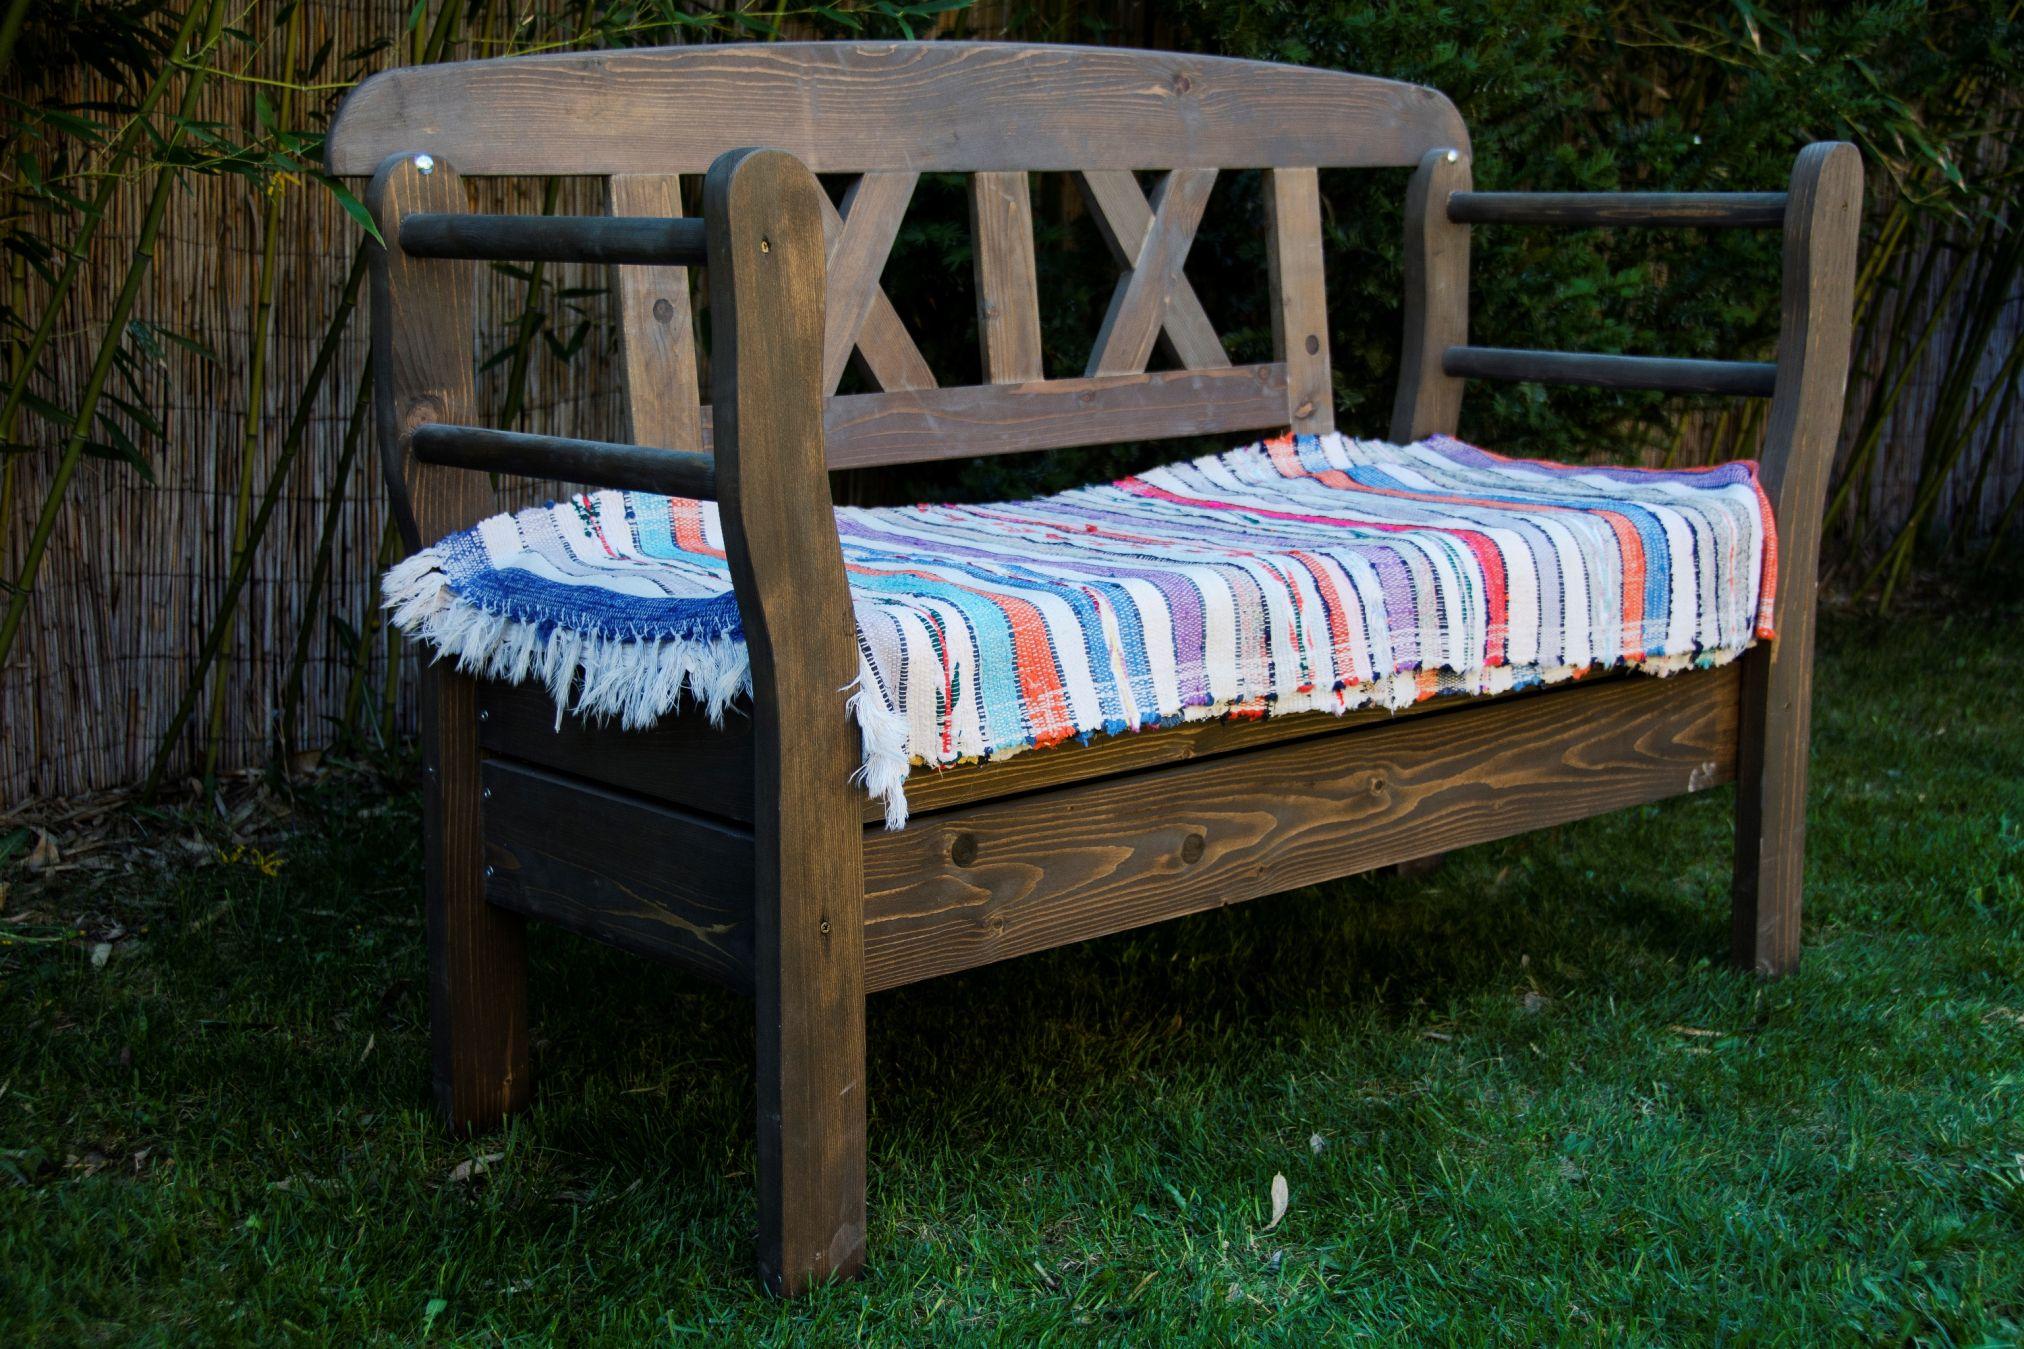 rustikale aufklappbare holzbank wohnen garten online webseite wohnen garten online. Black Bedroom Furniture Sets. Home Design Ideas